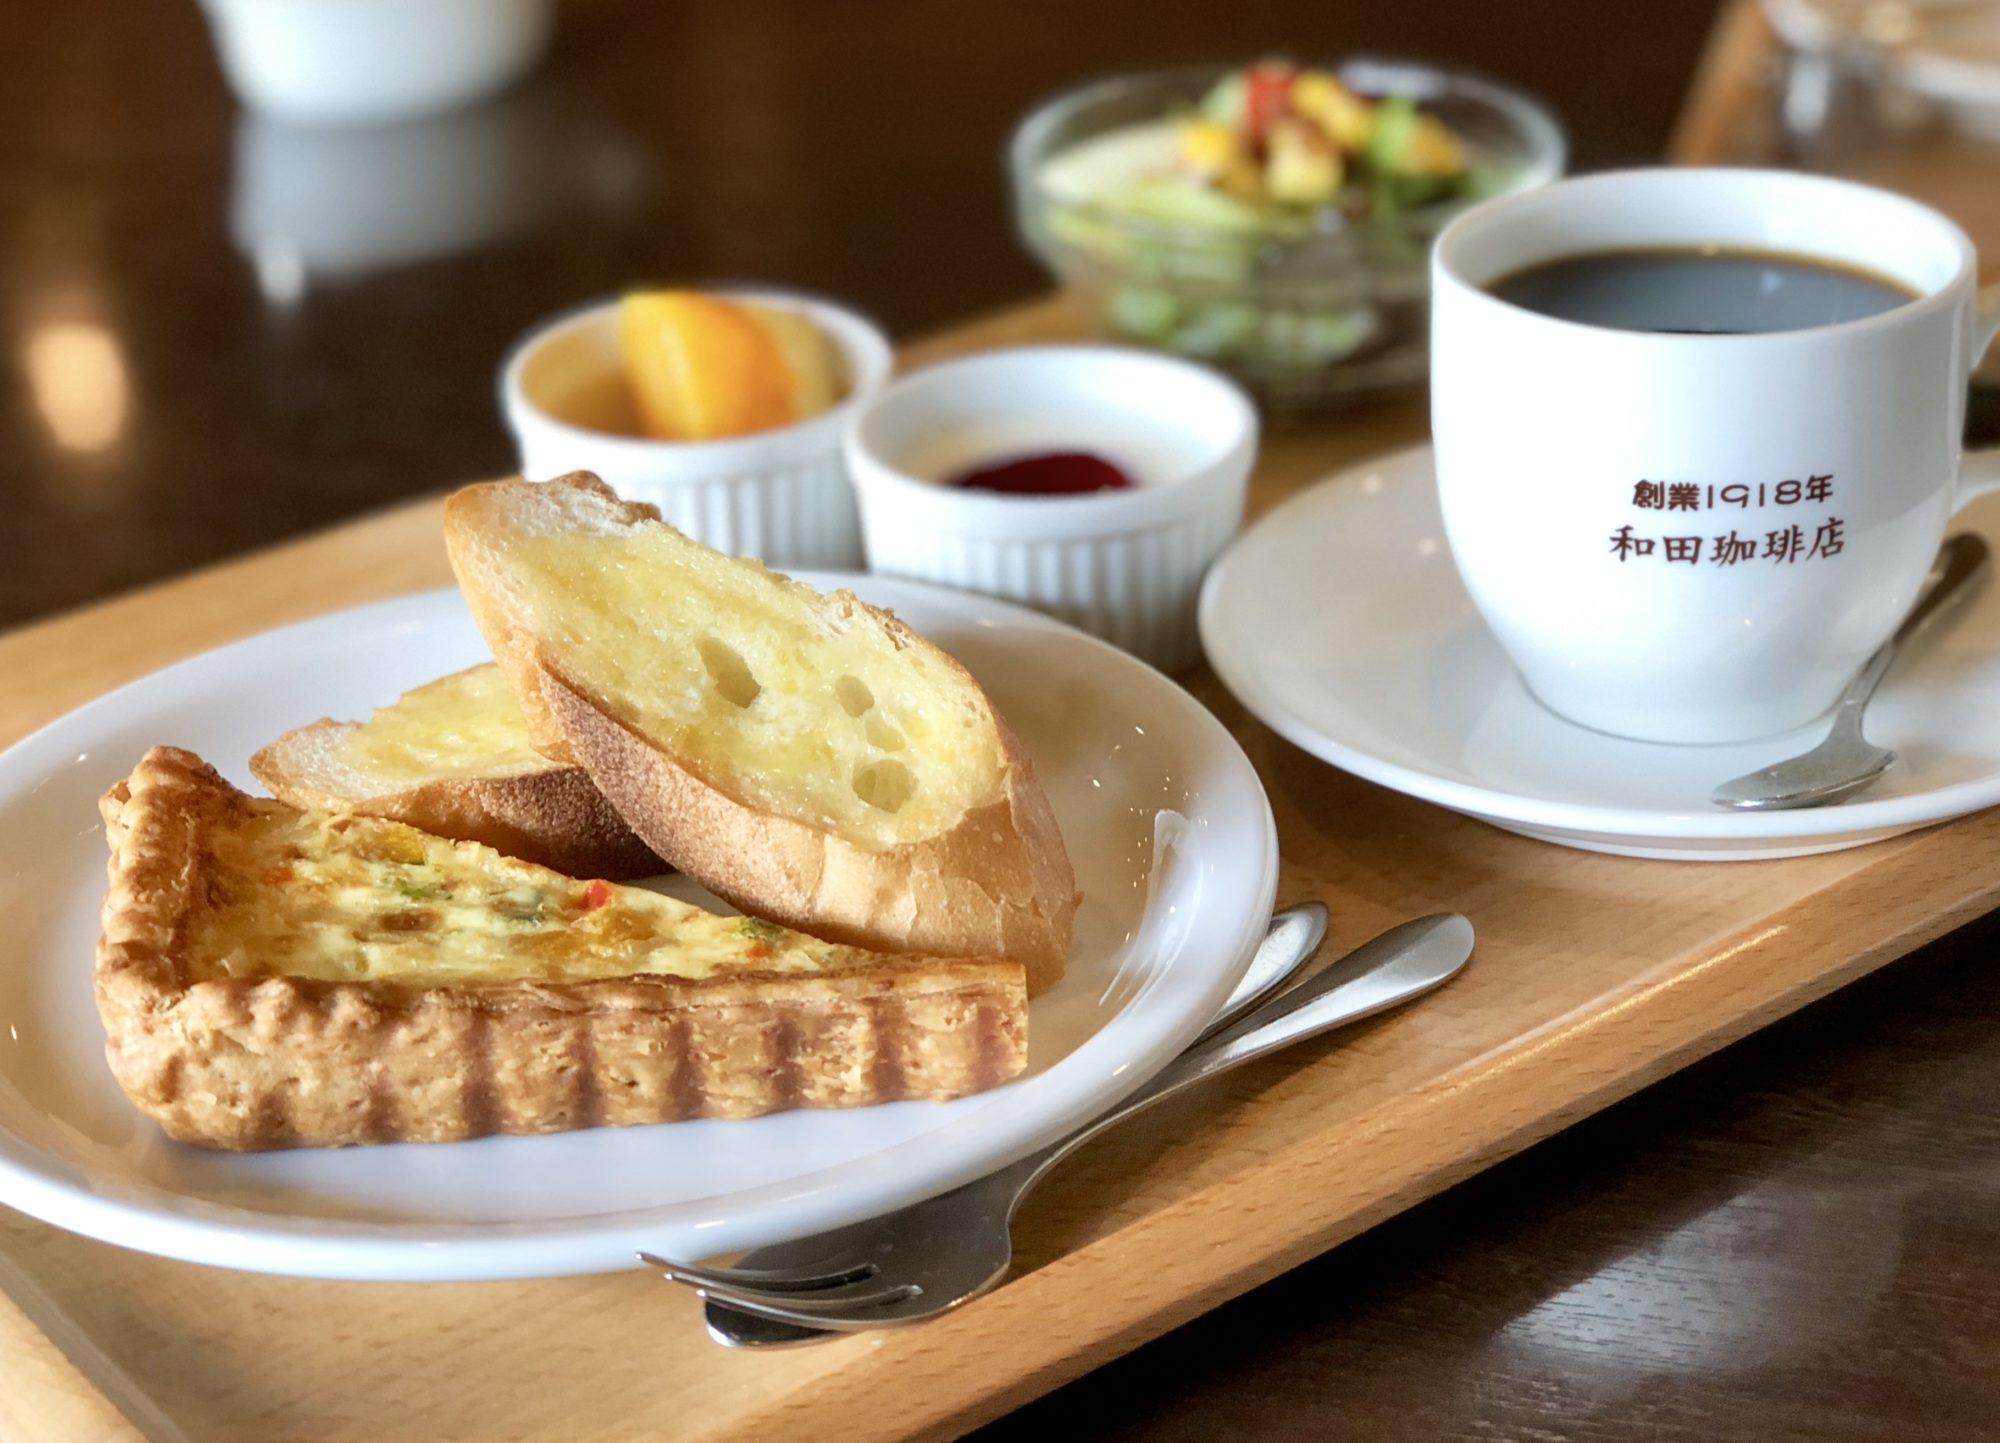 モーニングと淹れたてのコーヒーがおいしい@和田珈琲店「季楽」